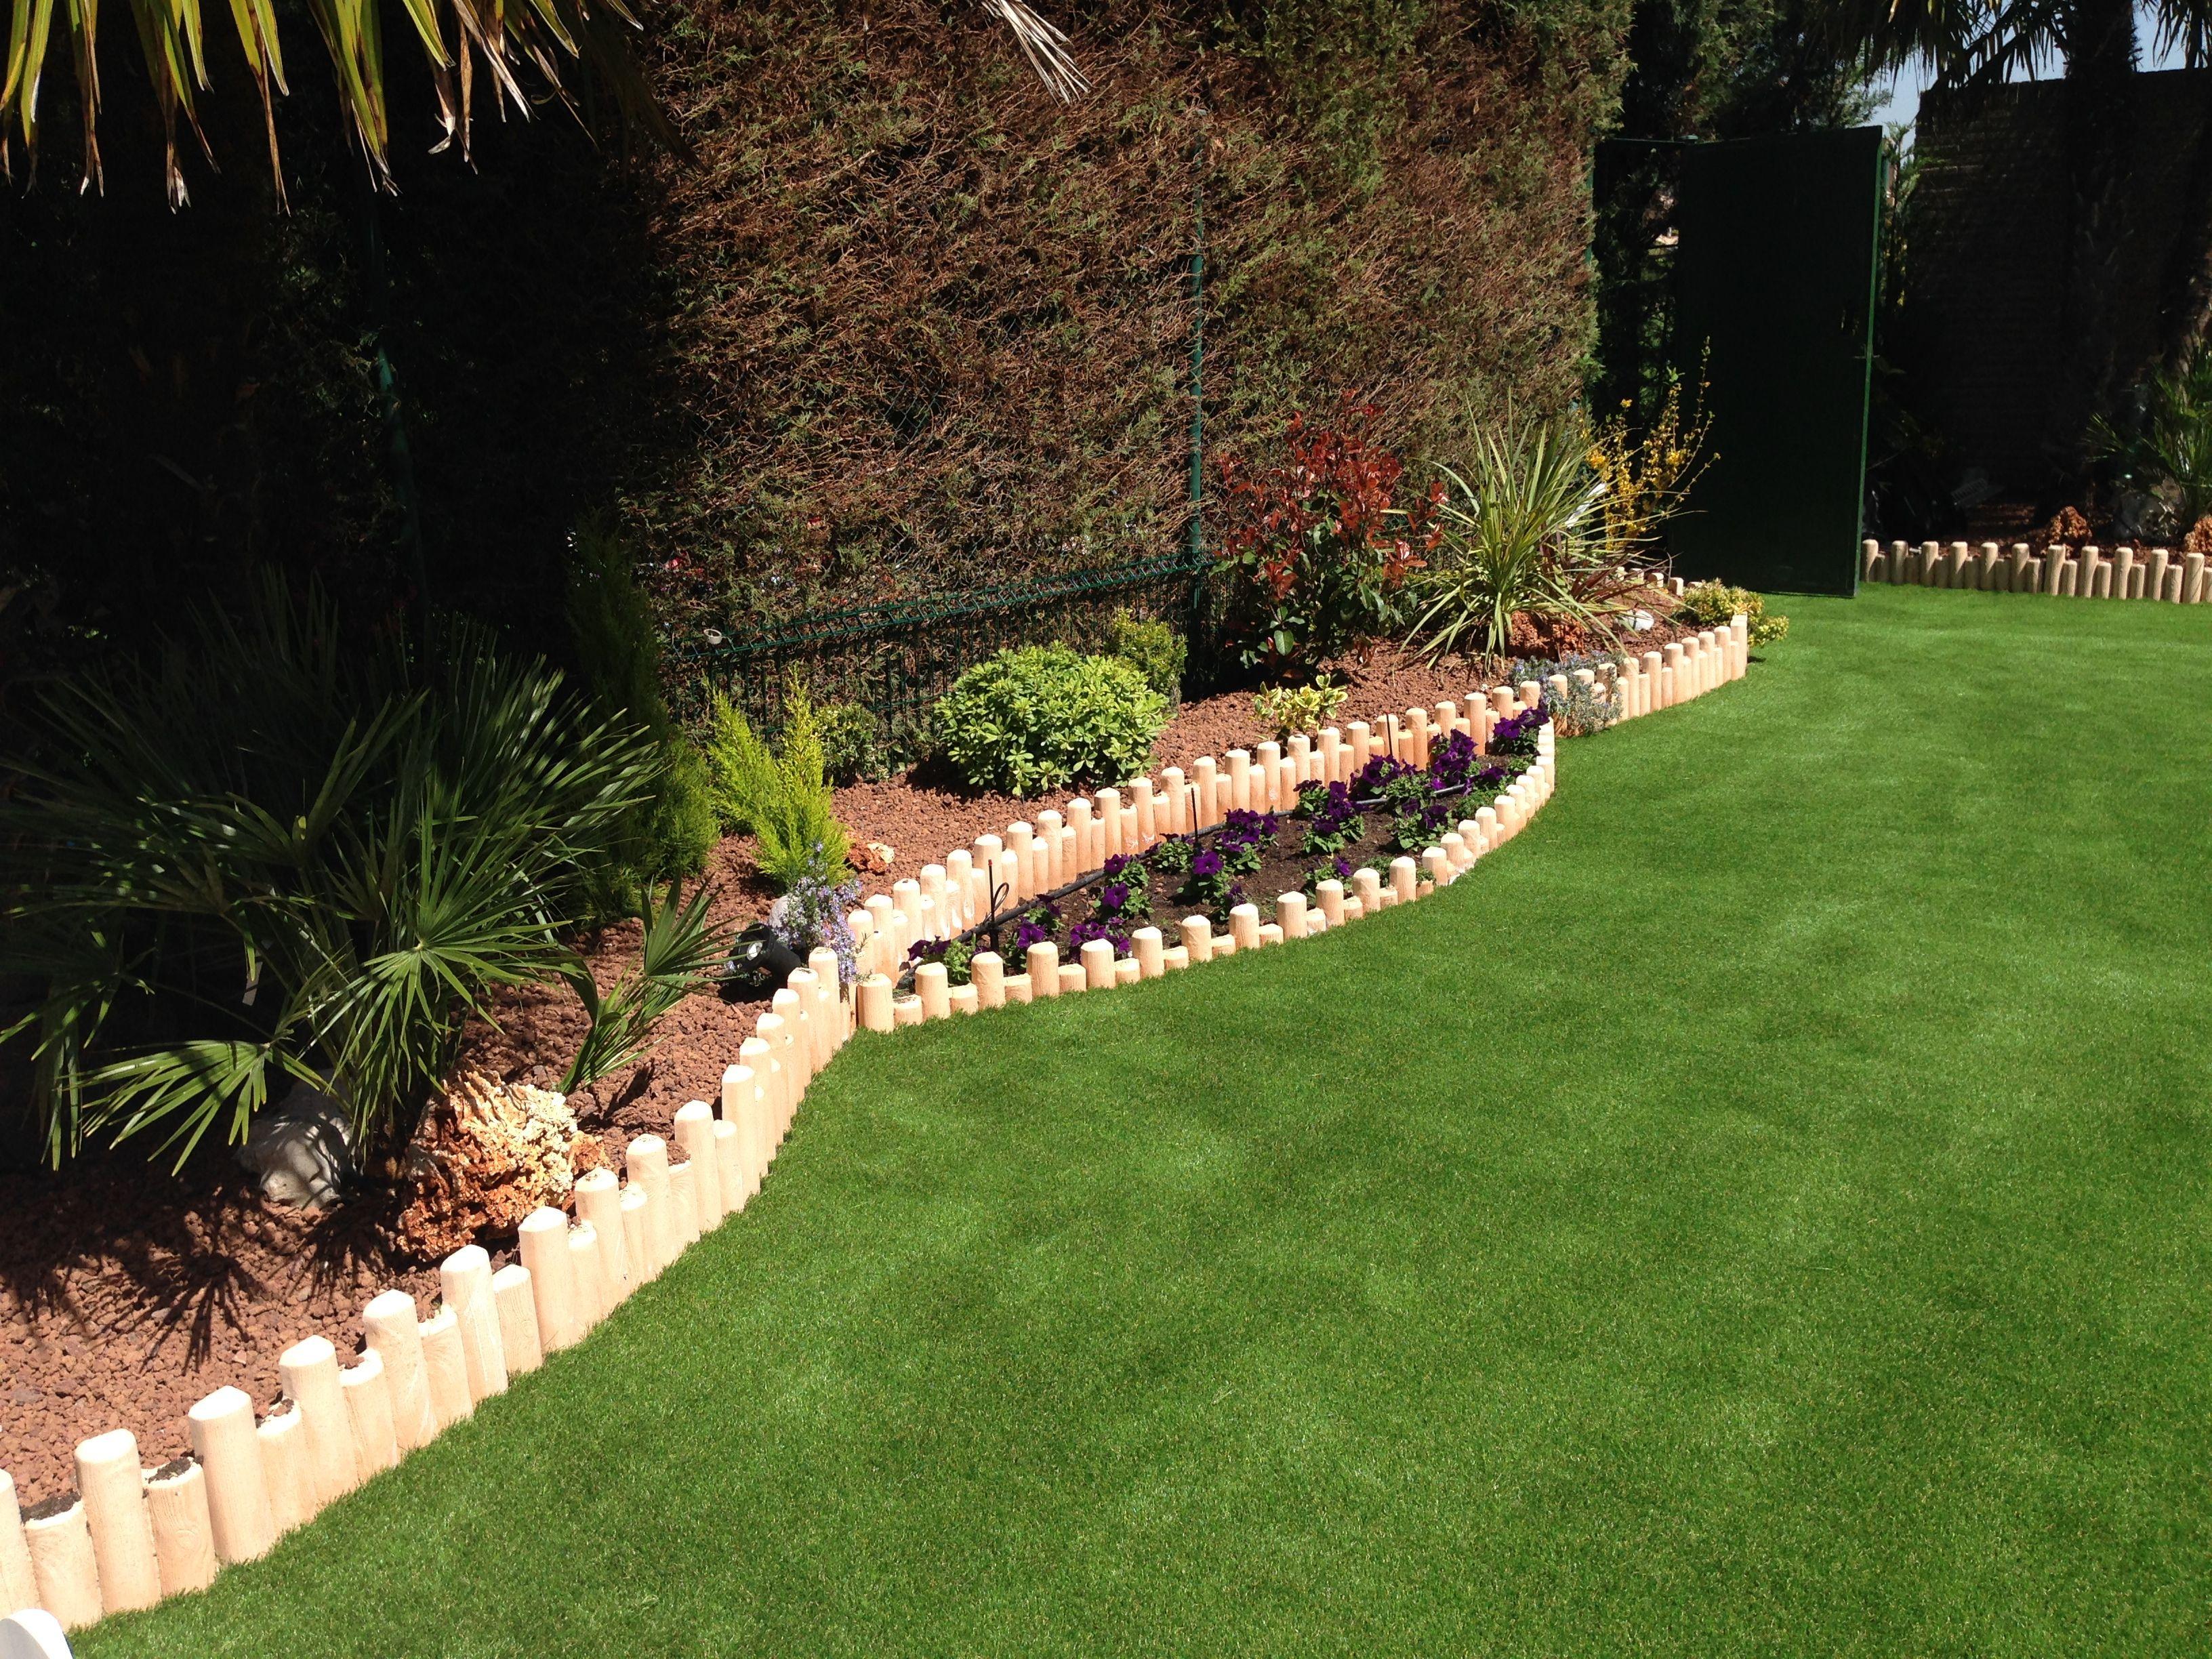 Proyecto de jardiner a con jardineras de obra pinstadas en for Piedra volcanica para jardin